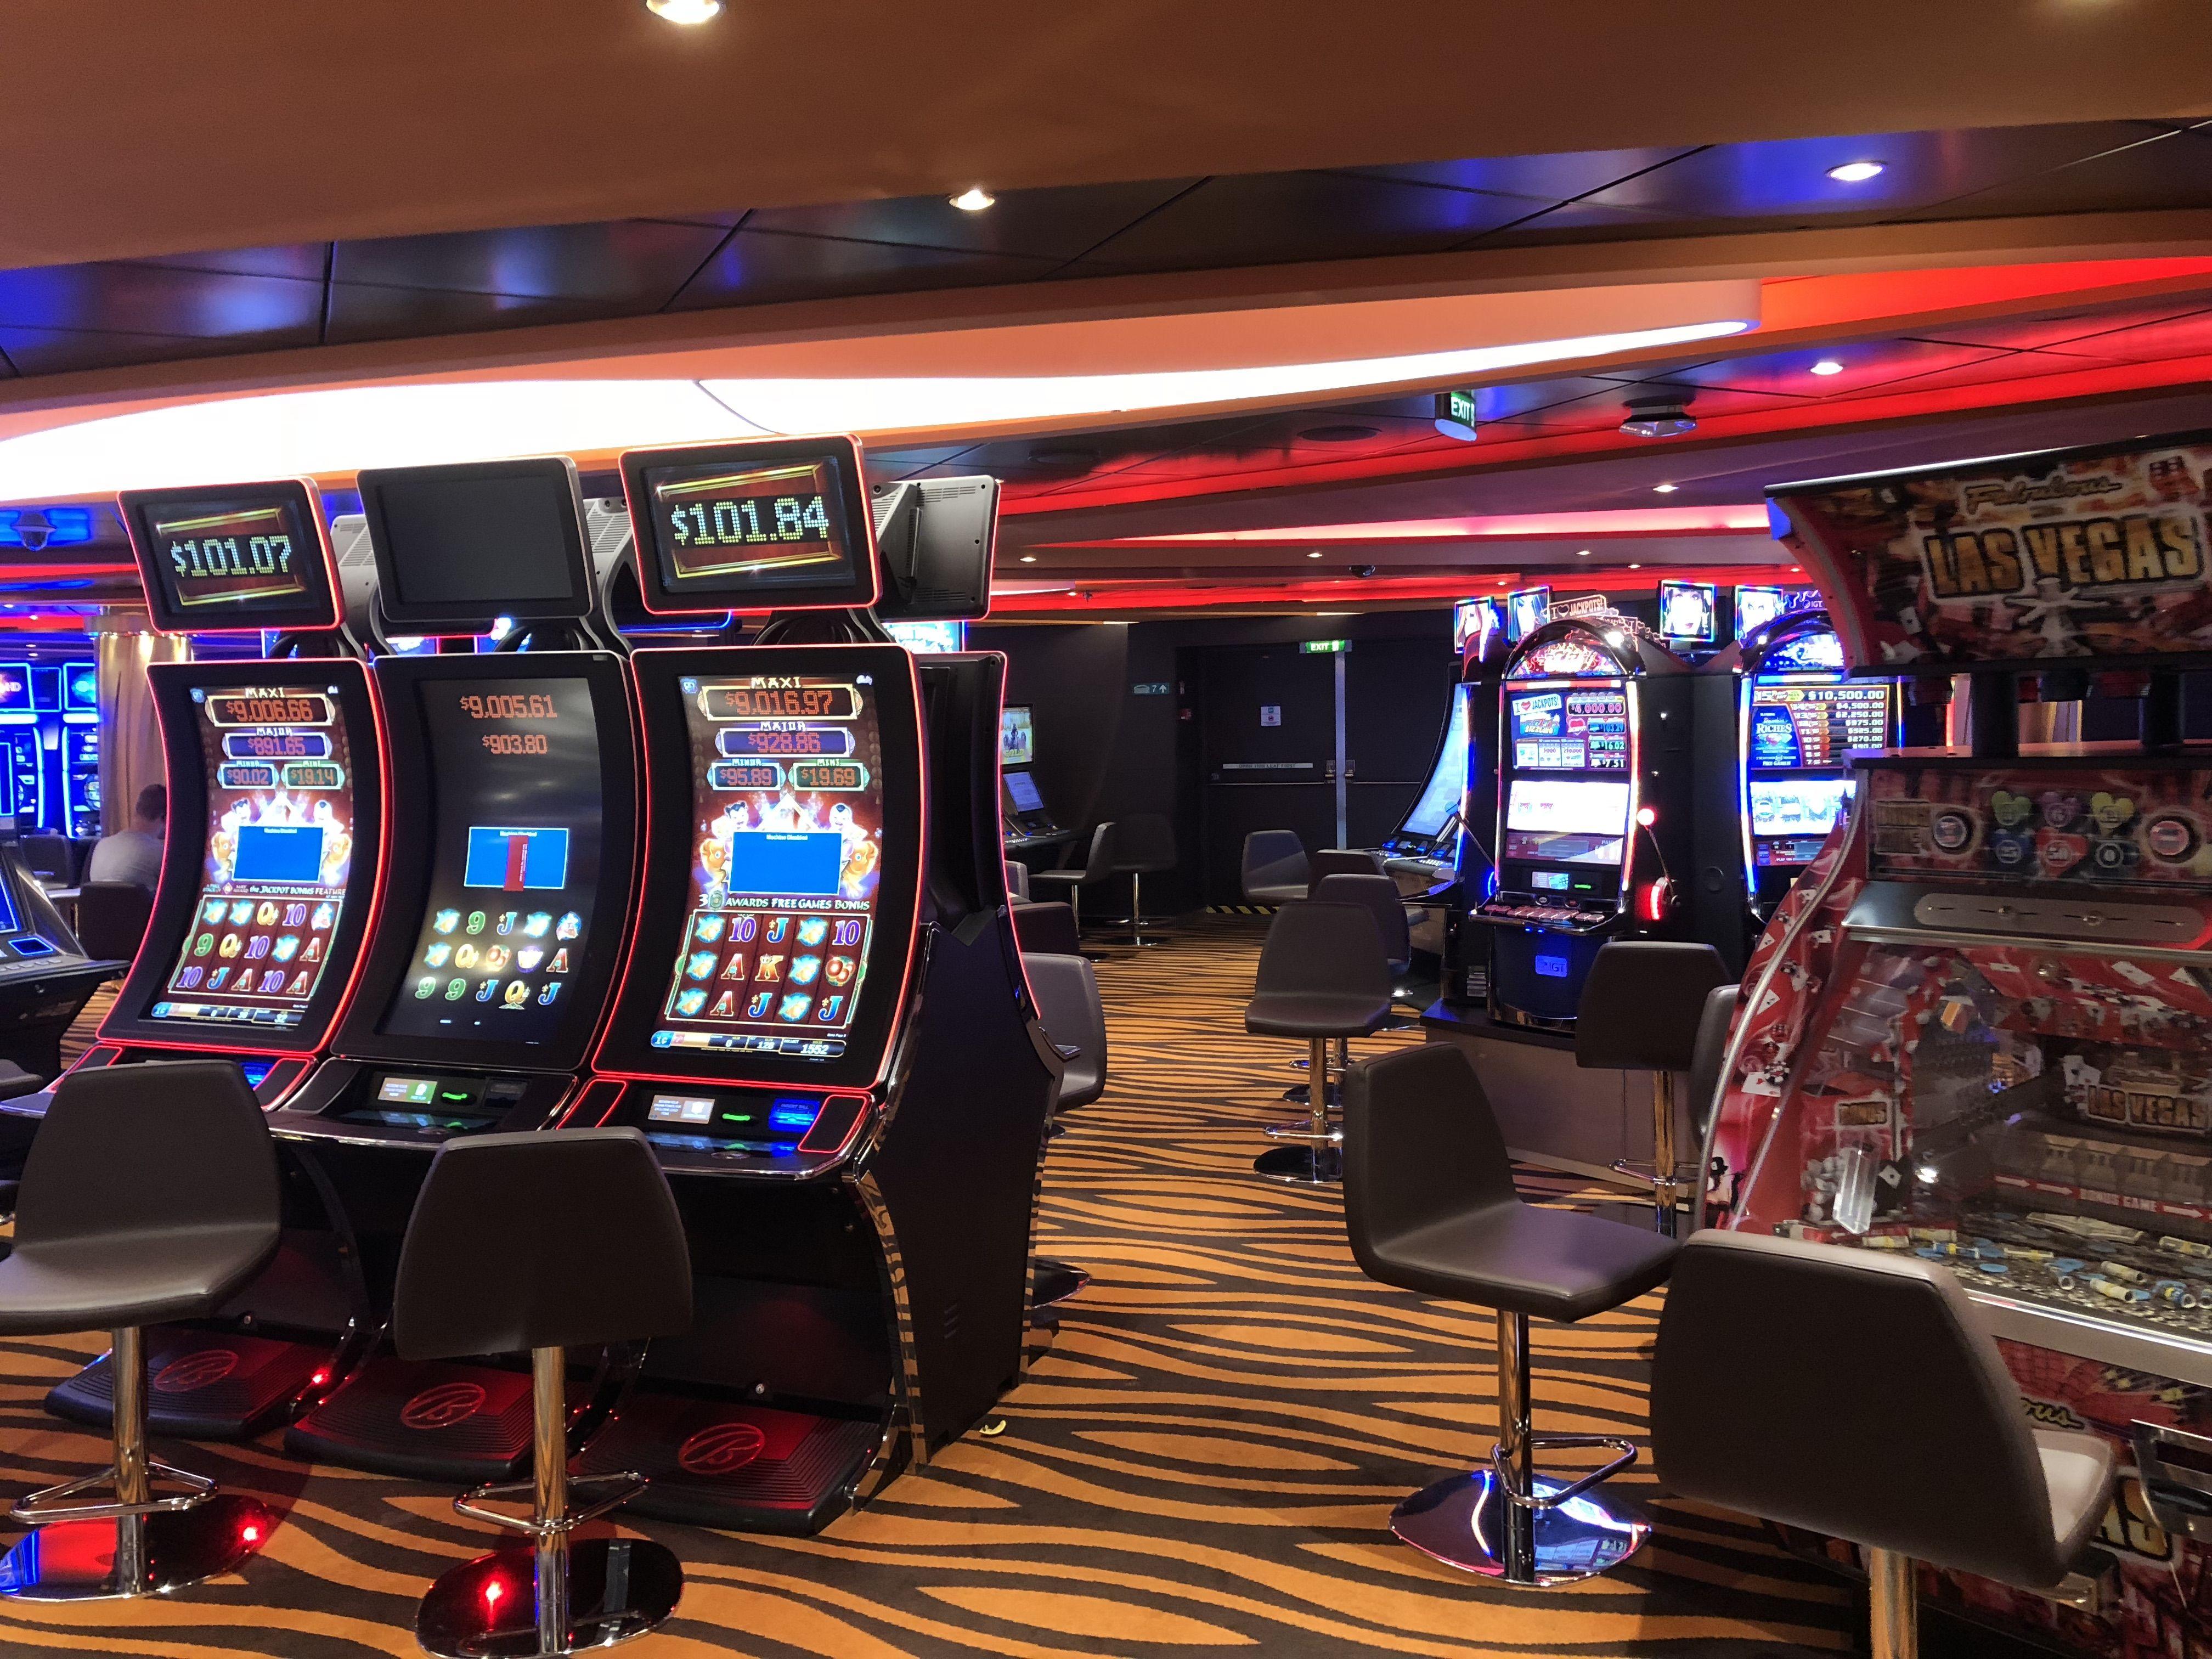 фото Играющие казино в самые колумбус слоты